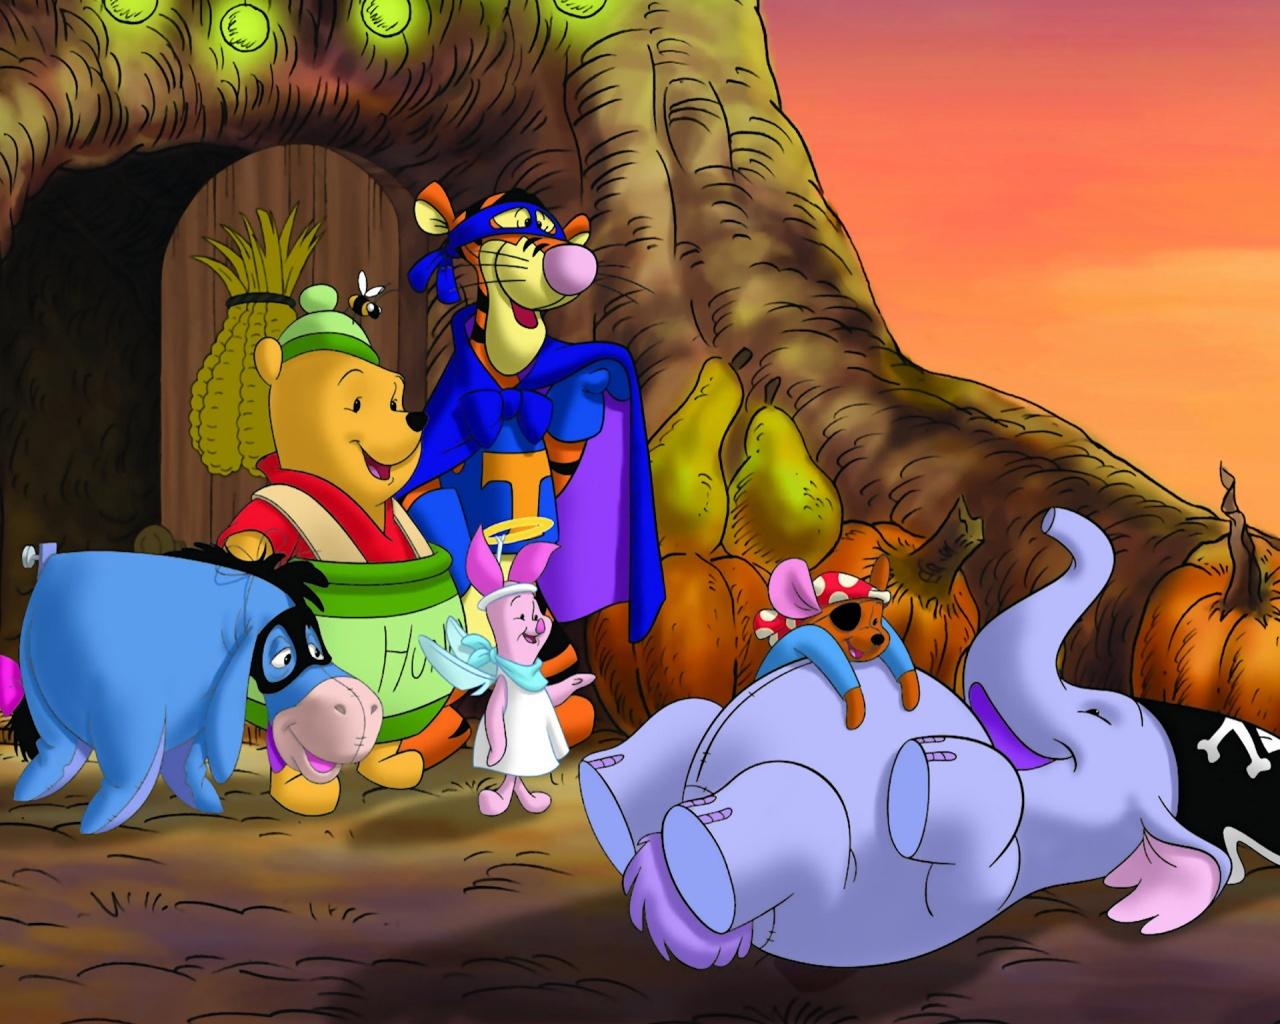 http://4.bp.blogspot.com/-pR2kqPkDJEc/UE2pBhOGfZI/AAAAAAAAAJU/5OEq9qZ_W-8/s1600/disney_halloween_wallpaper___pooh_and_friends-1280x1024-722777.jpg